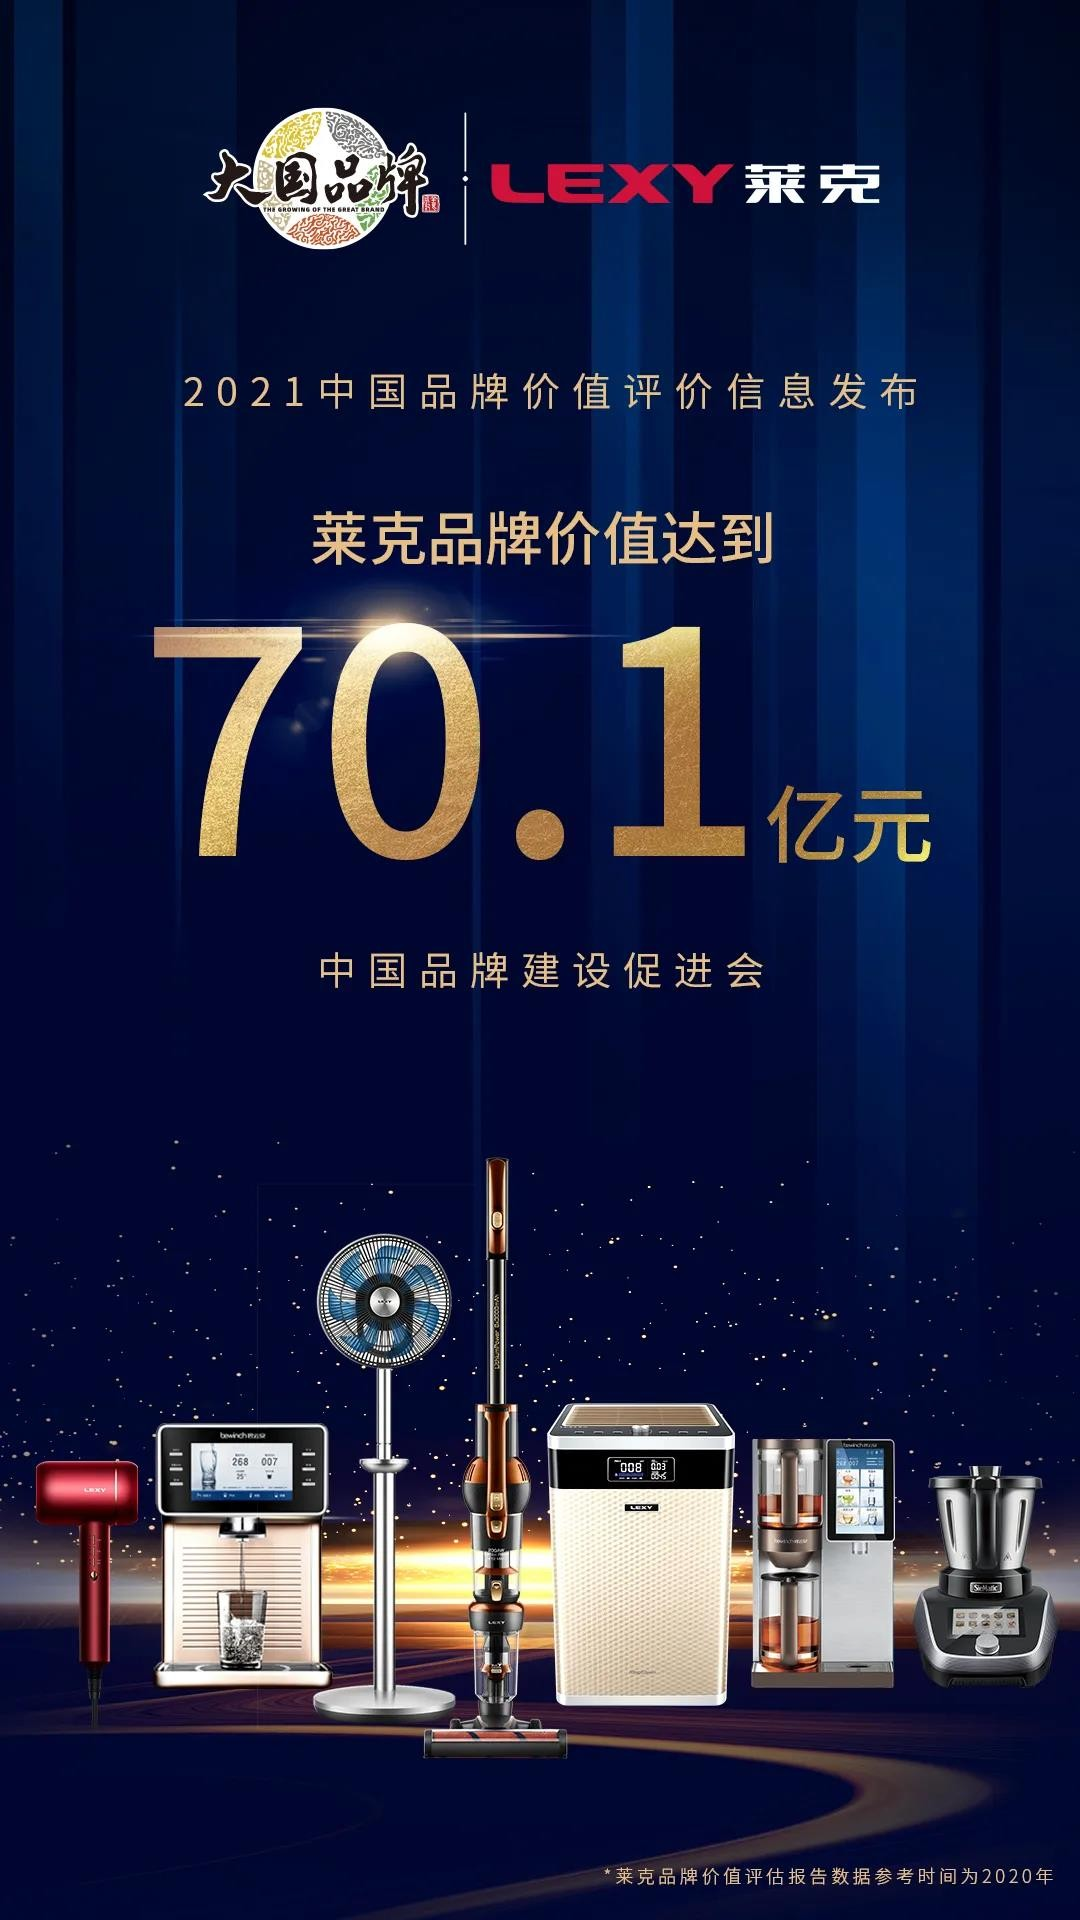 莱克大国品牌风范:不忘初心,打造中国高端品牌